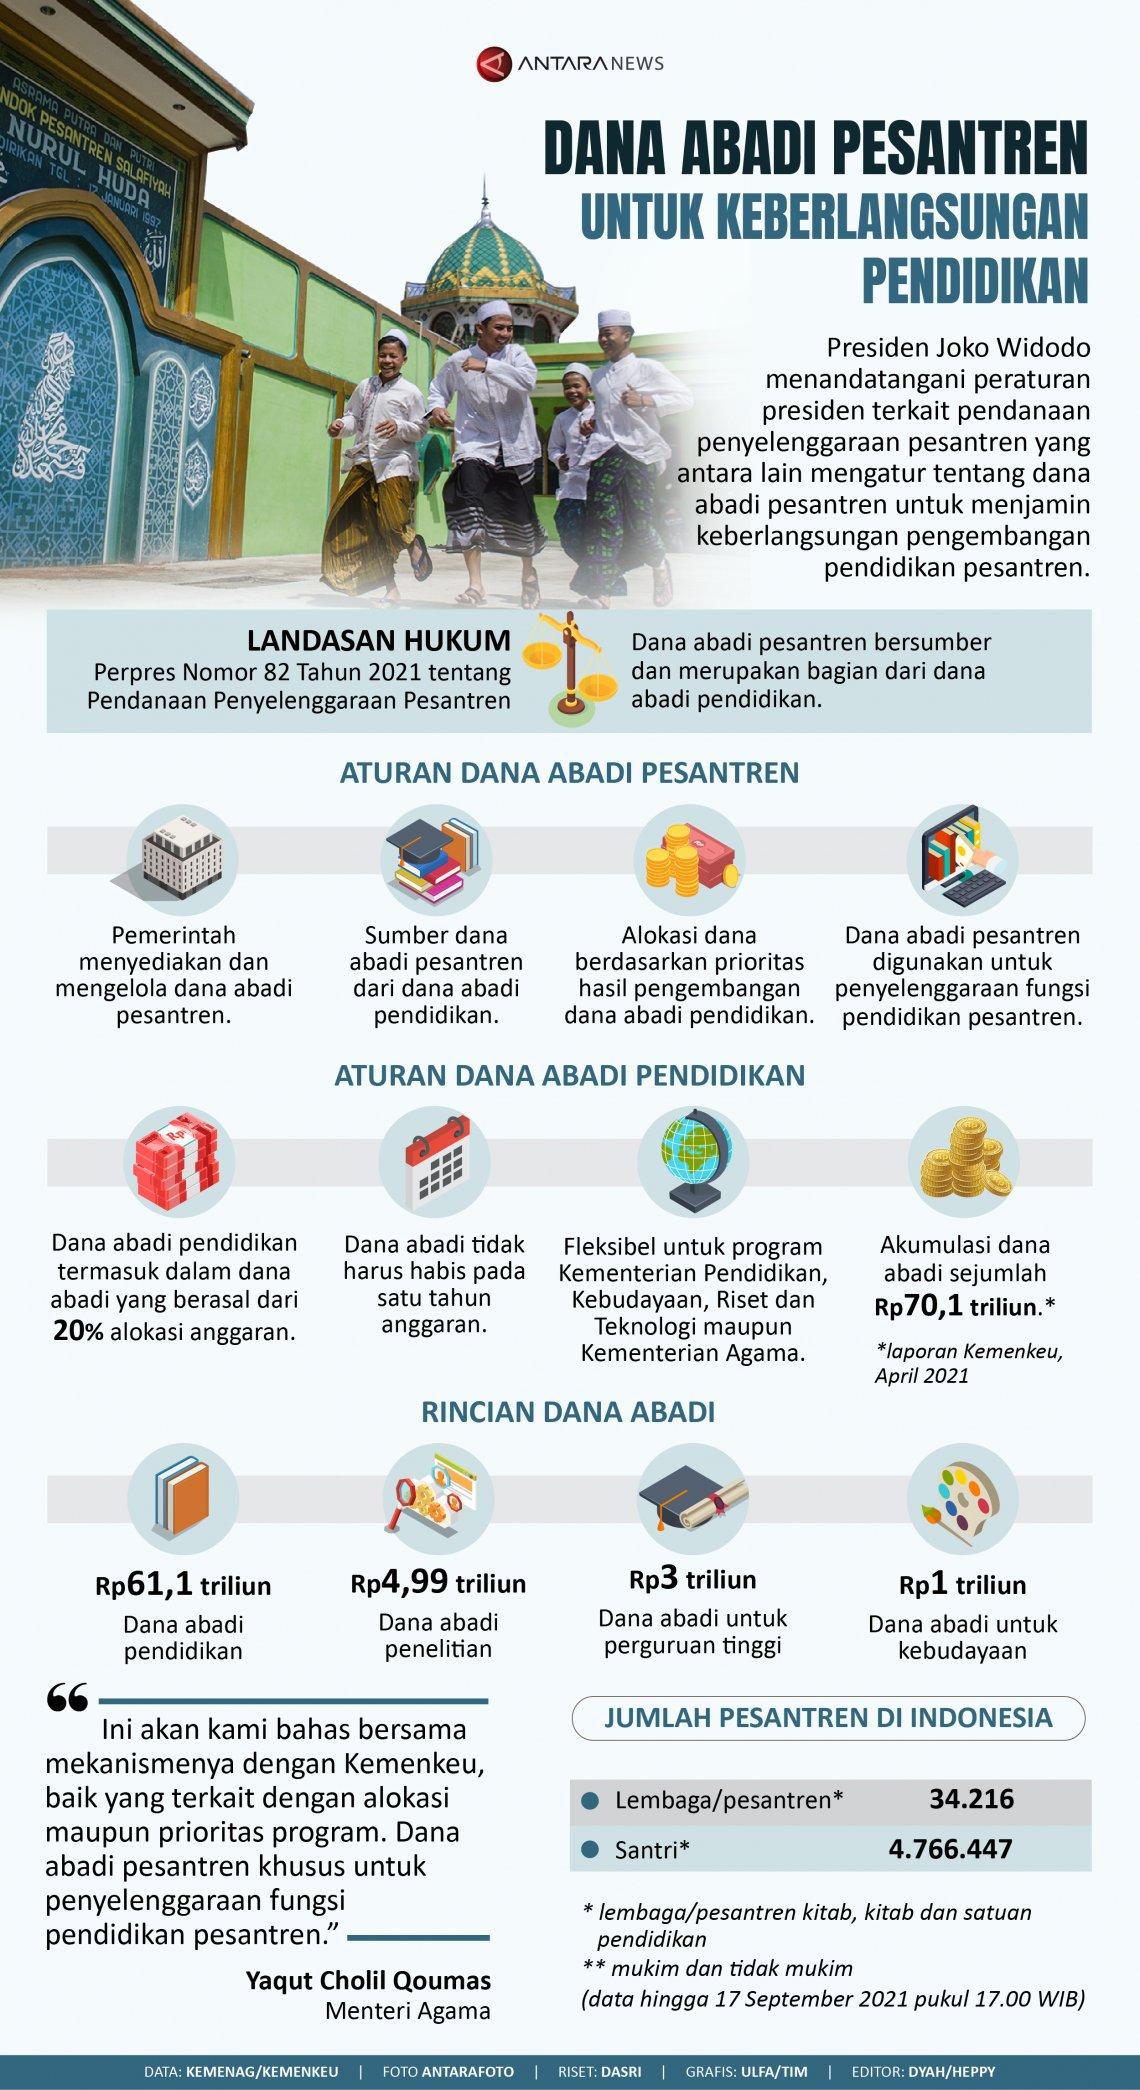 Dana abadi pesantren untuk keberlangsungan pendidikan